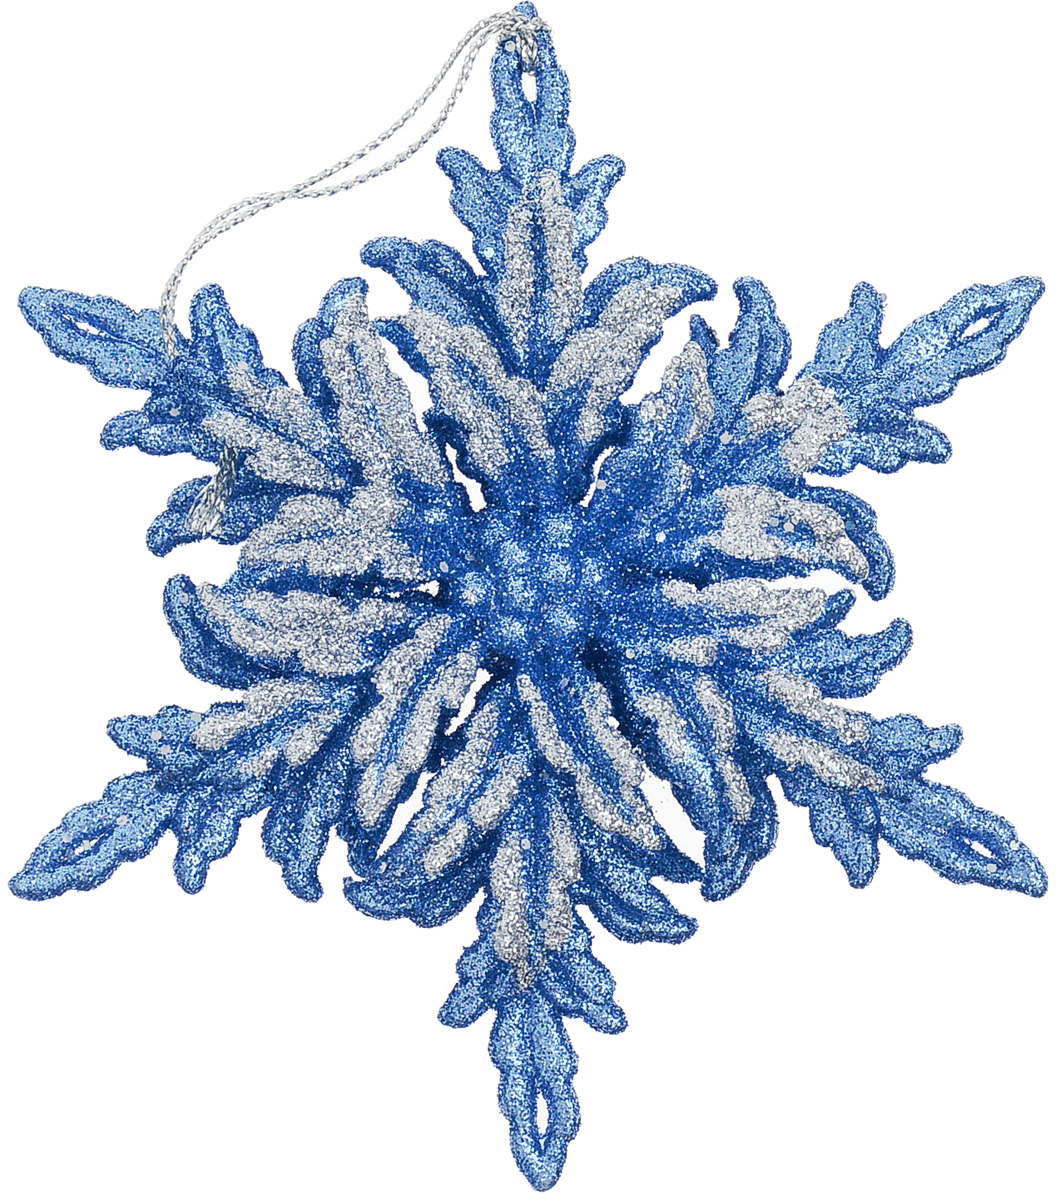 Снежинка лазурного цвета привлекает внимание своей объемной конструкцией. Подходит для украшения елки и помещения. Яркий цвет дополняют серебряные блестки, завораживающие своим сиянием.Новогодние украшения всегда несут в себе волшебство и красоту праздника. Создайте в своем доме атмосферу тепла, веселья и радости, украшая его всей семьей.